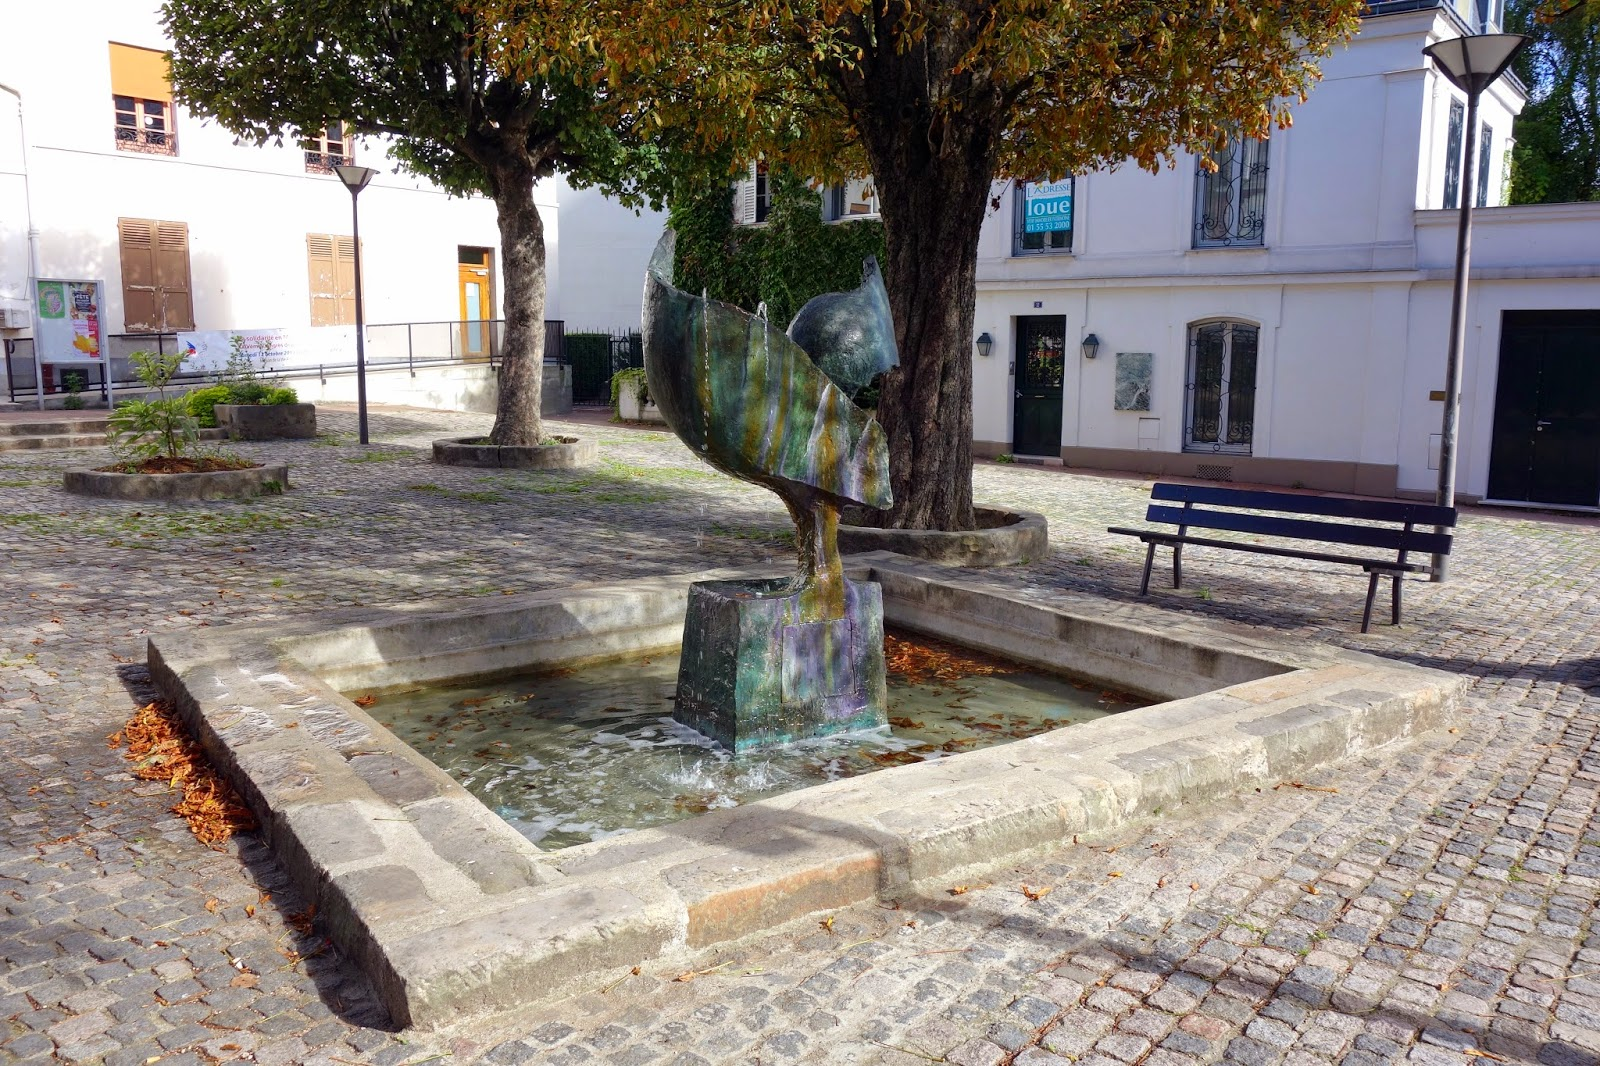 Art la fontaine coq une oeuvre de joan gardy artigas - Table de jardin maison vitry sur seine ...